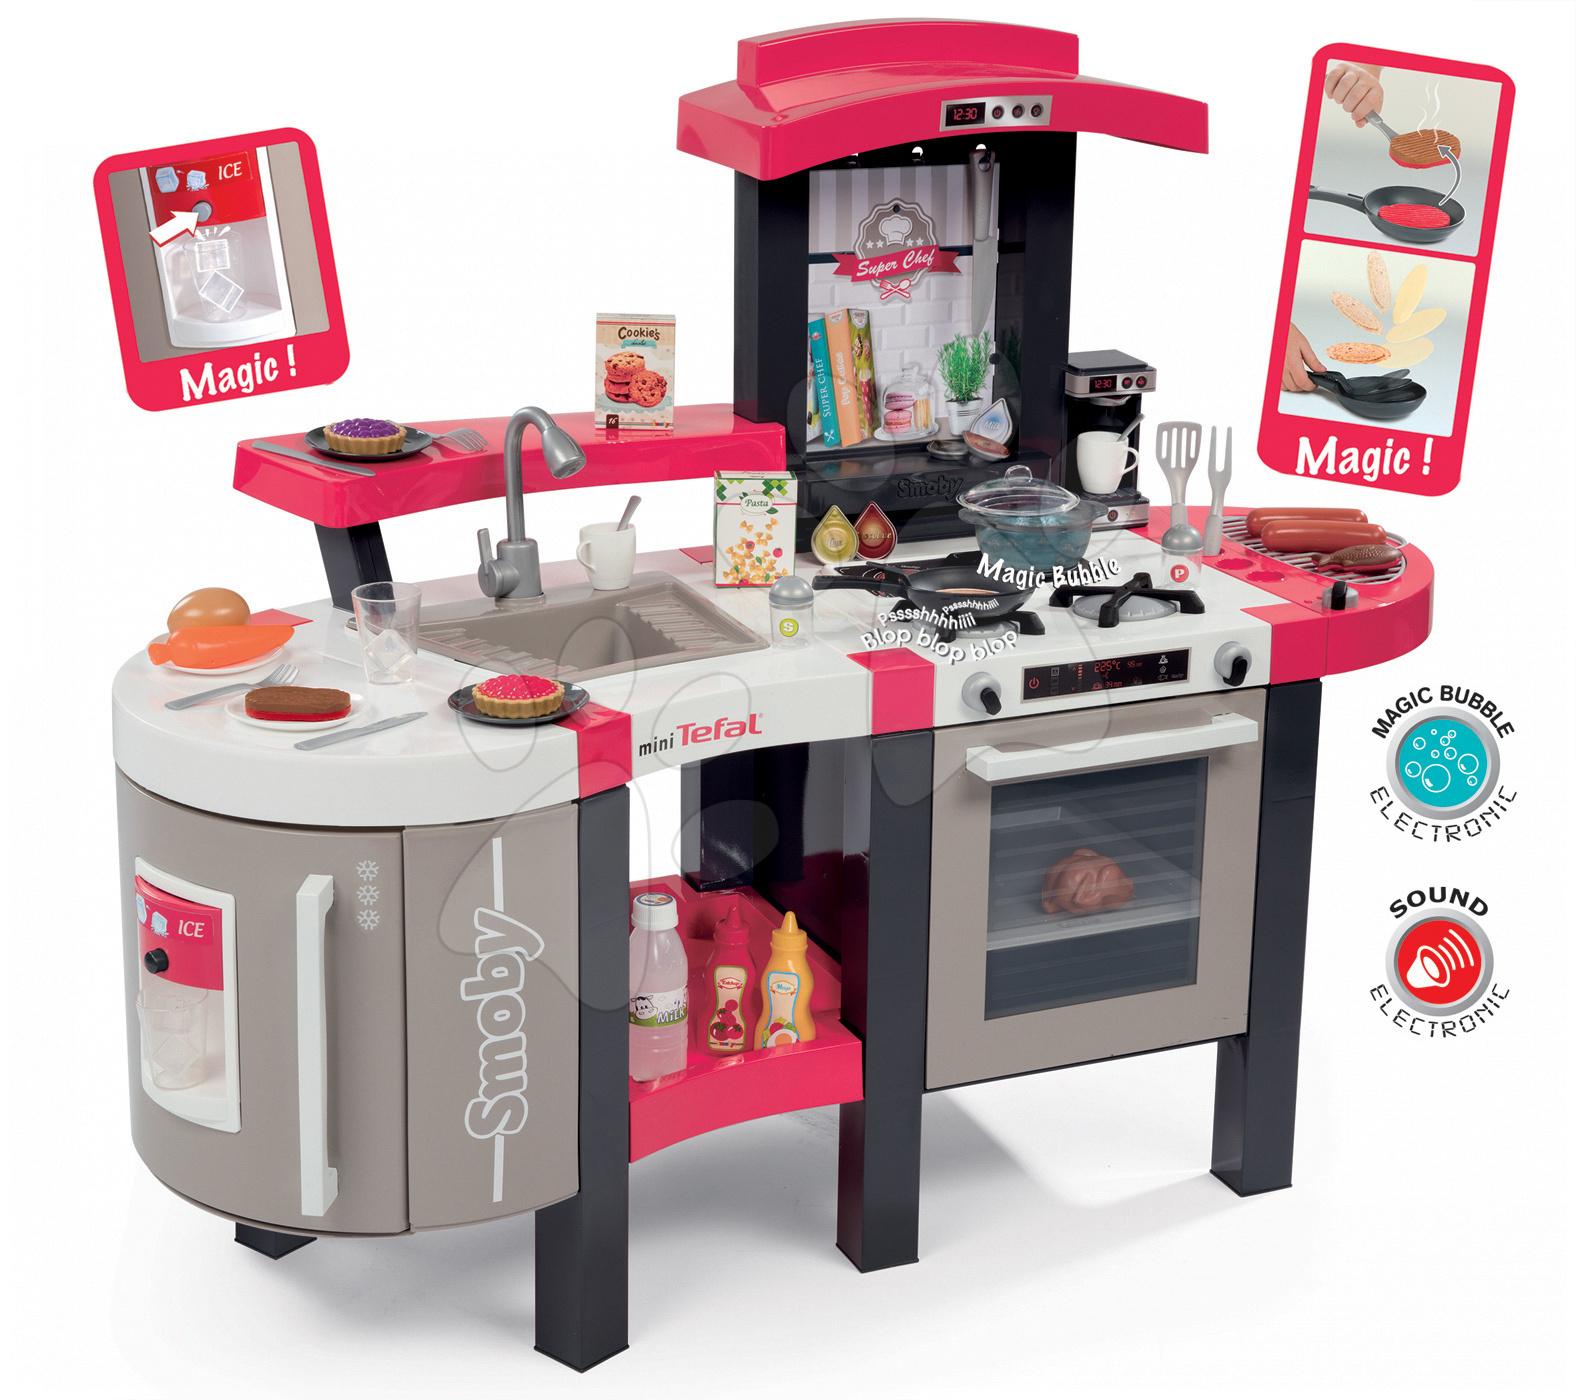 Bucătărie Tefal Super Chef Deluxe Smoby electronică cu oală magică, grătar, gheață şi cu 46 accesorii culoarea căpşunii-bej